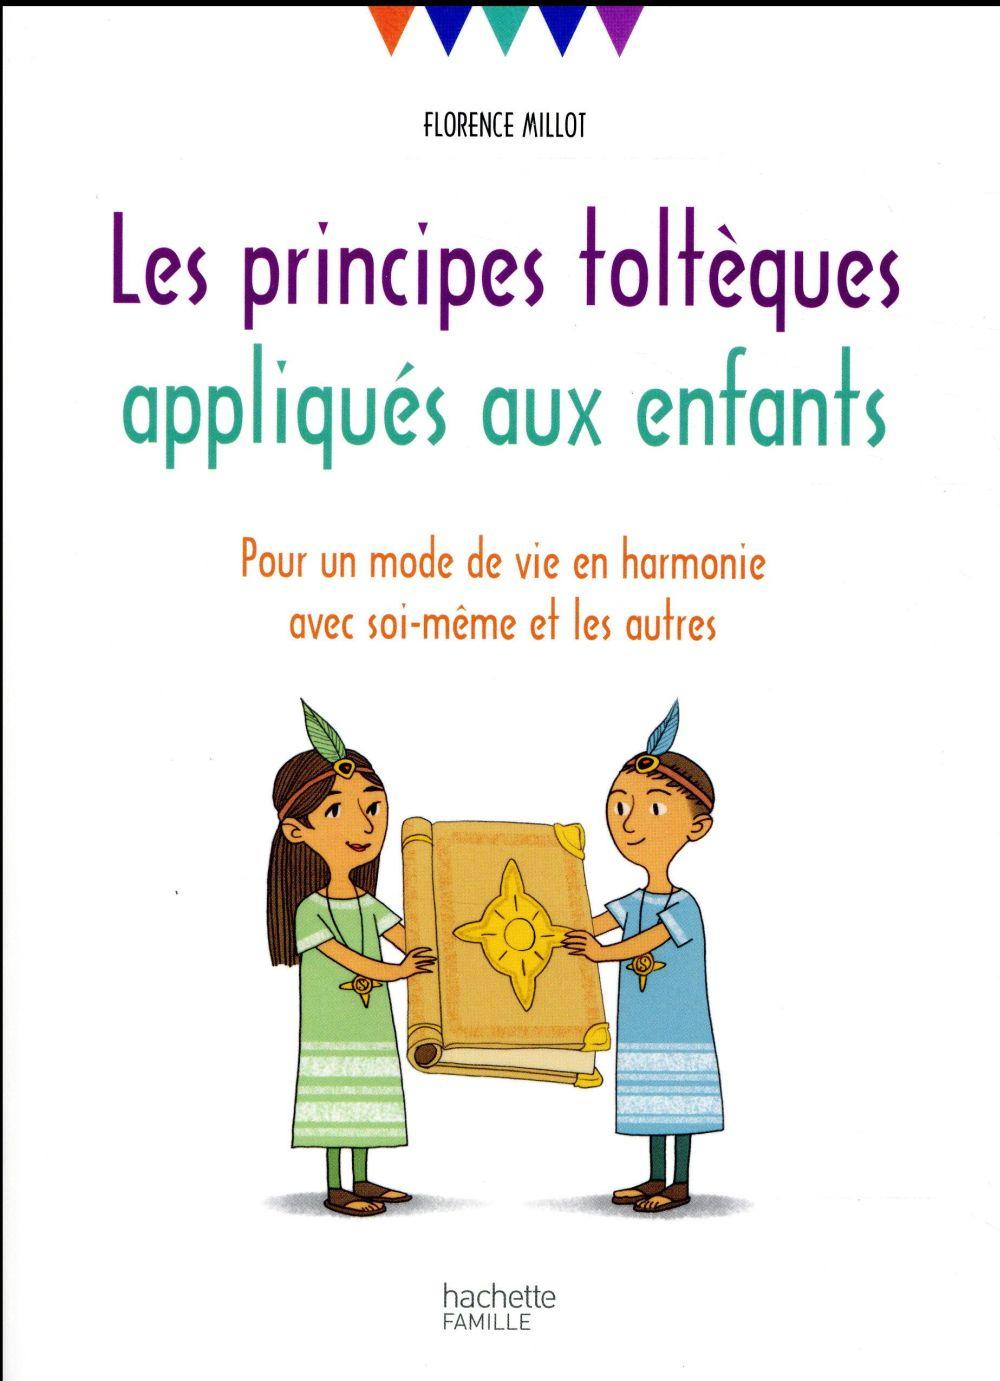 LES PRINCIPES TOLTEQUES APPLIQUES AUX ENFANTS - POUR UN MODE DE VIE EN HARMONIE AVEC SOI-MEME ET LES